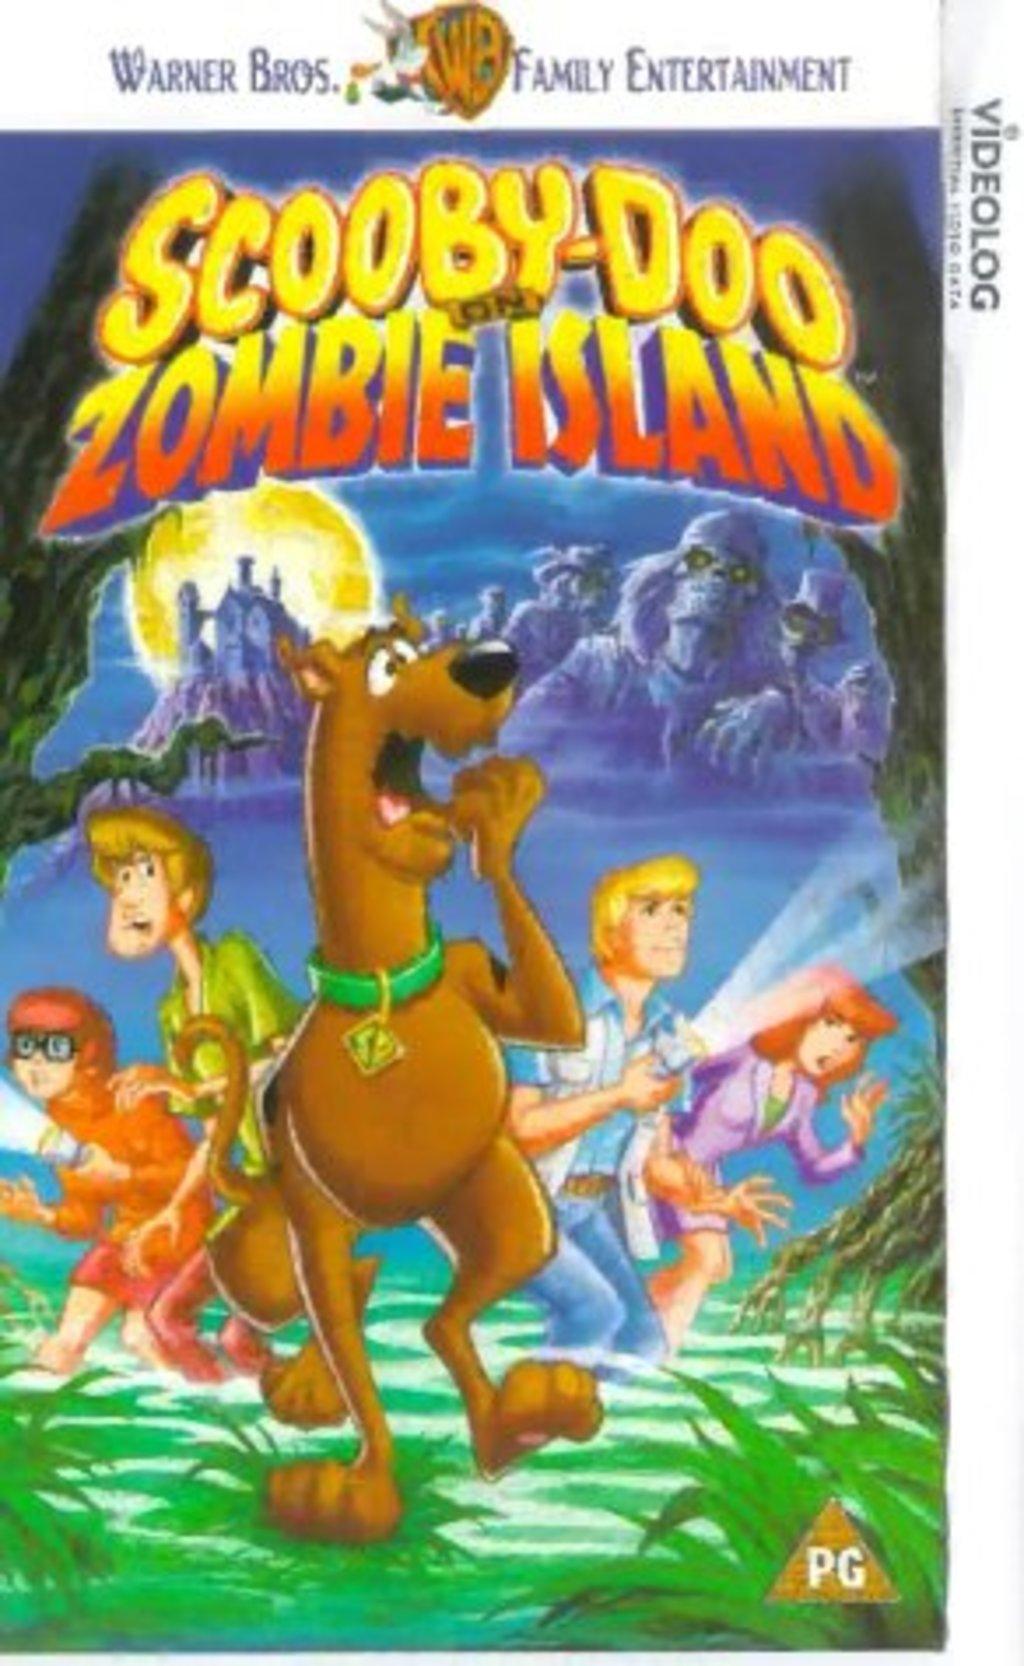 Watch Scooby-Doo on Zombie Island on Netflix Today ... | 1024 x 1666 jpeg 206kB